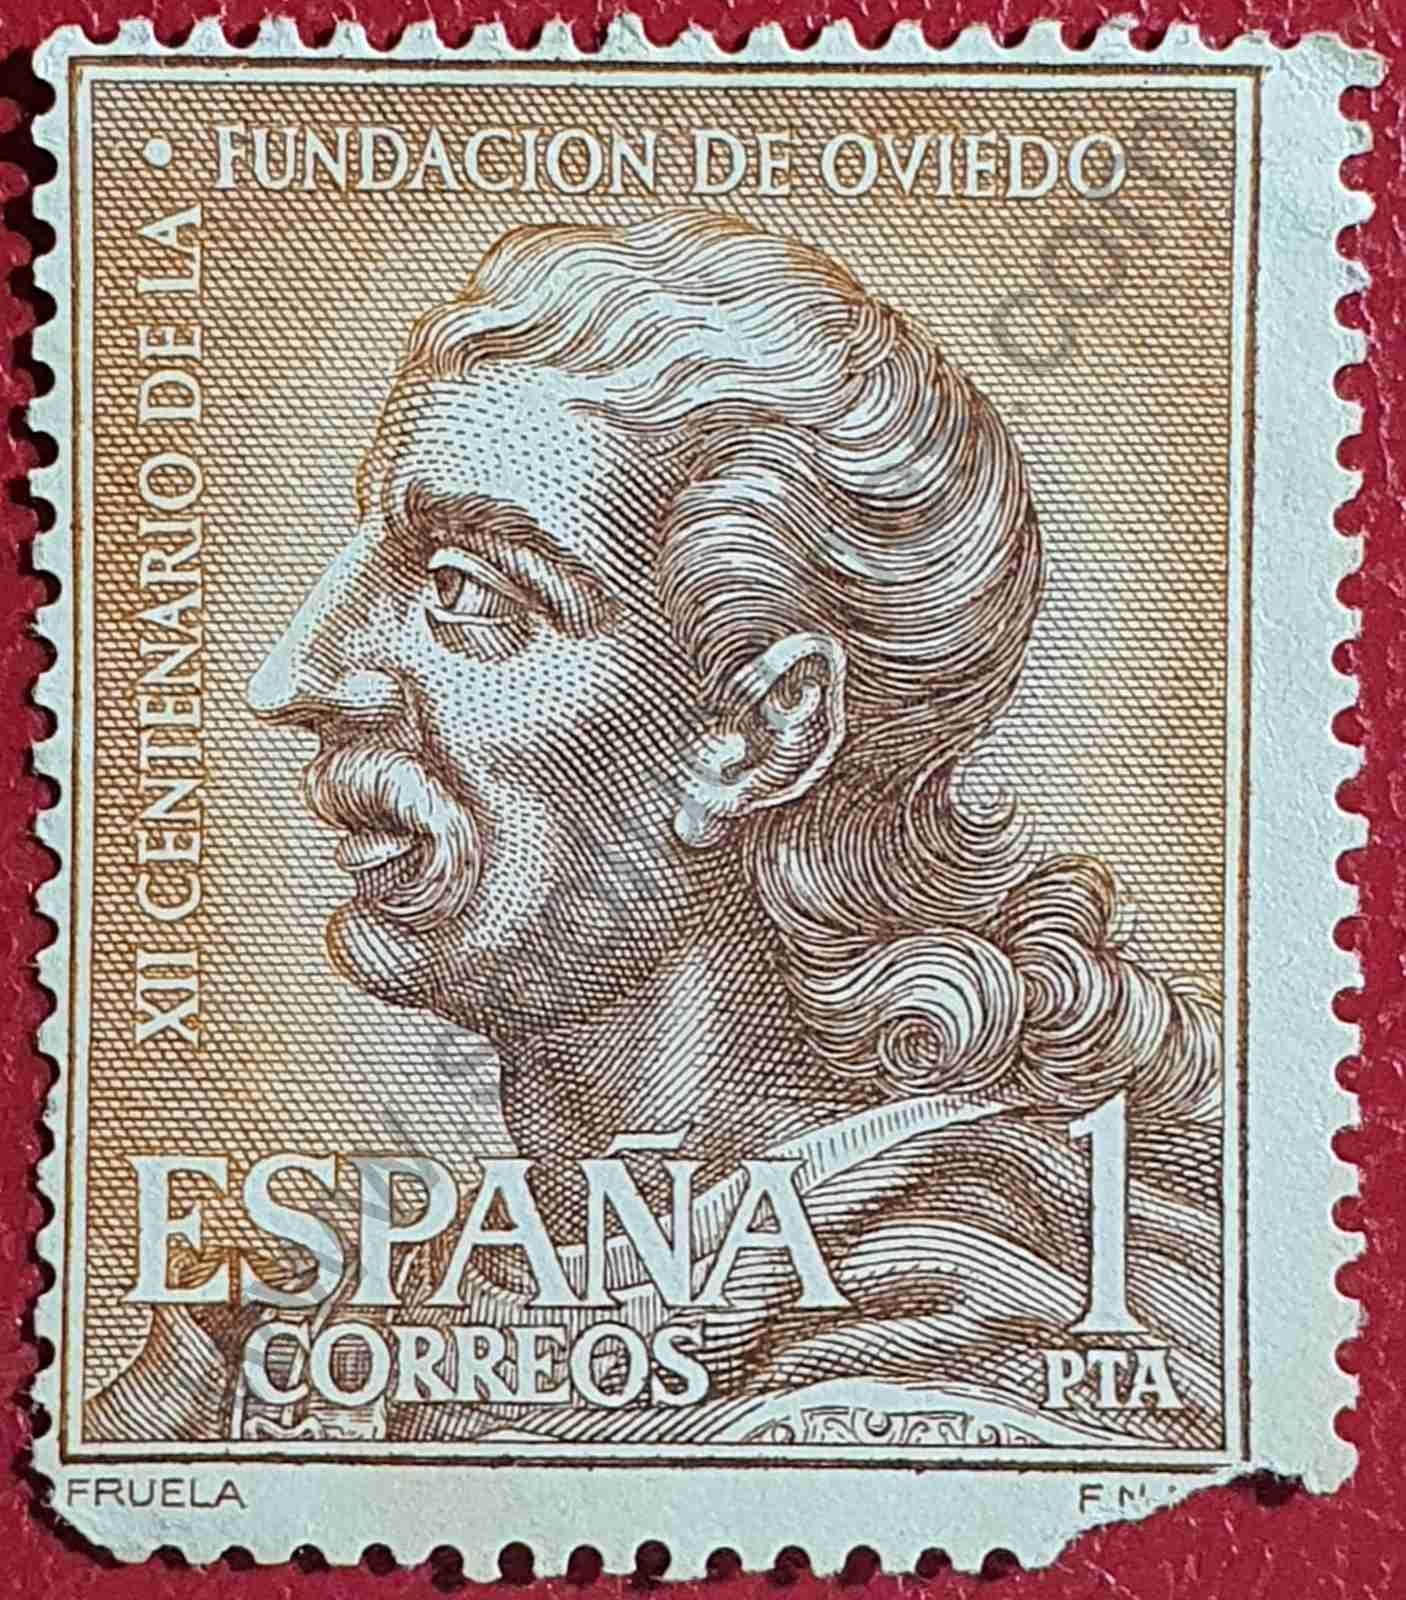 Fruela I - Sello de España año 1961